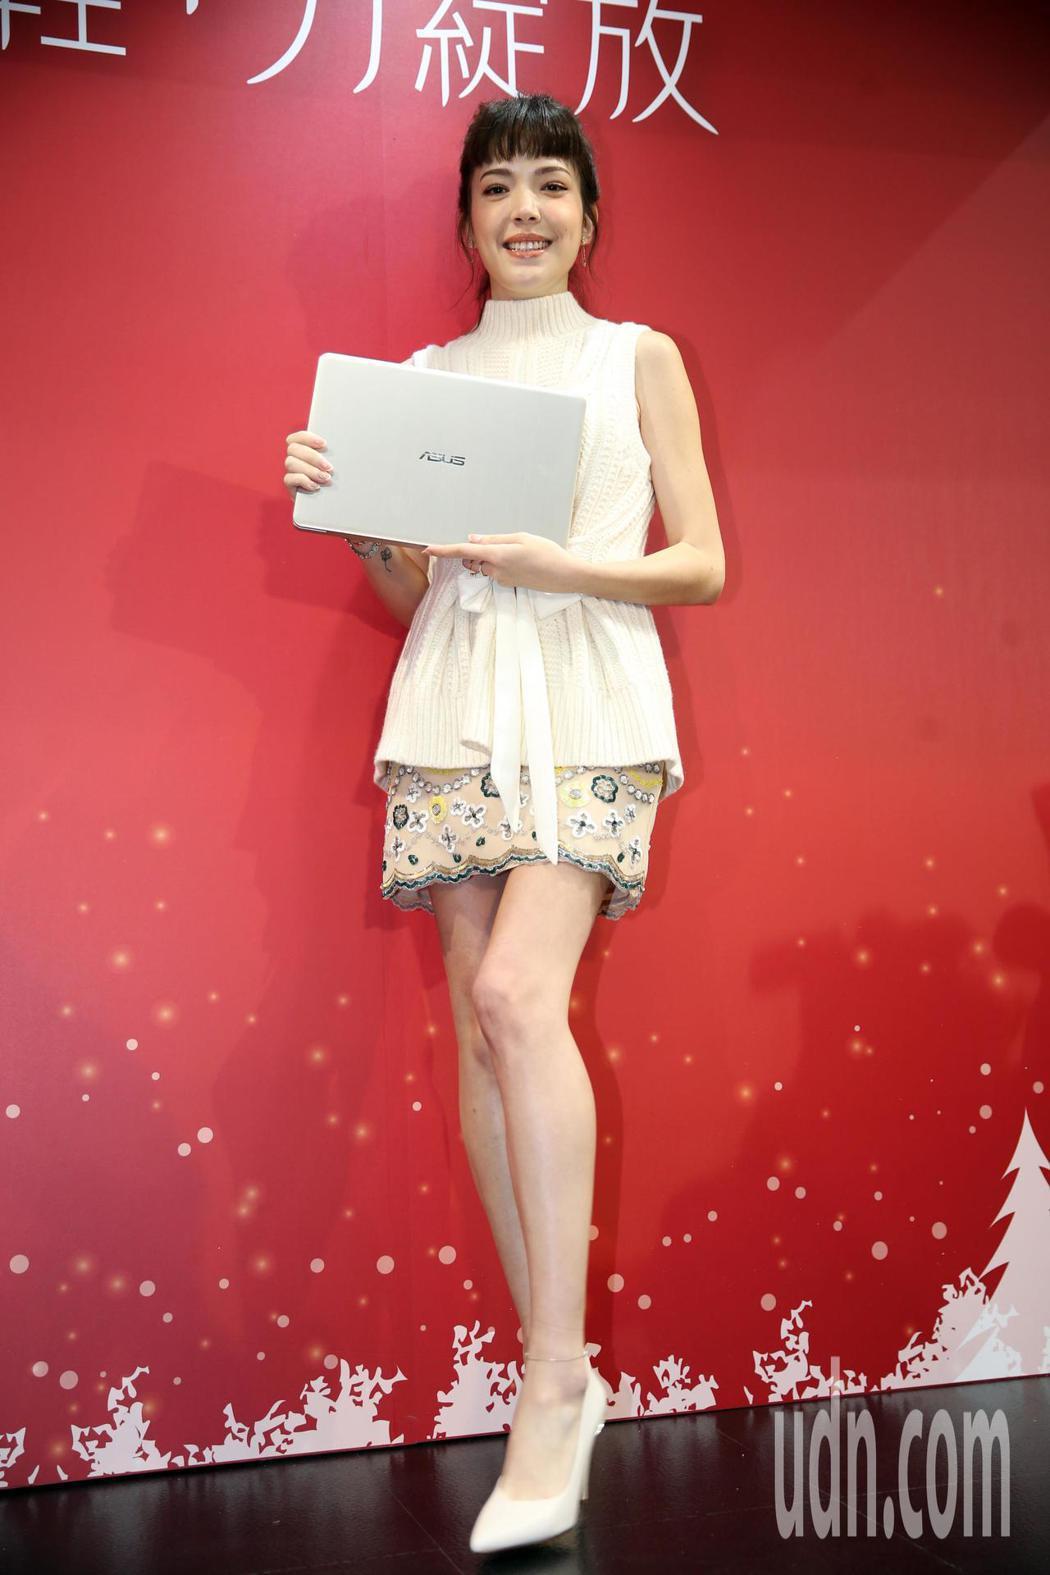 藝人許瑋甯今日到世貿展覽館擔任電腦品牌一日店長。記者徐兆玄/攝影